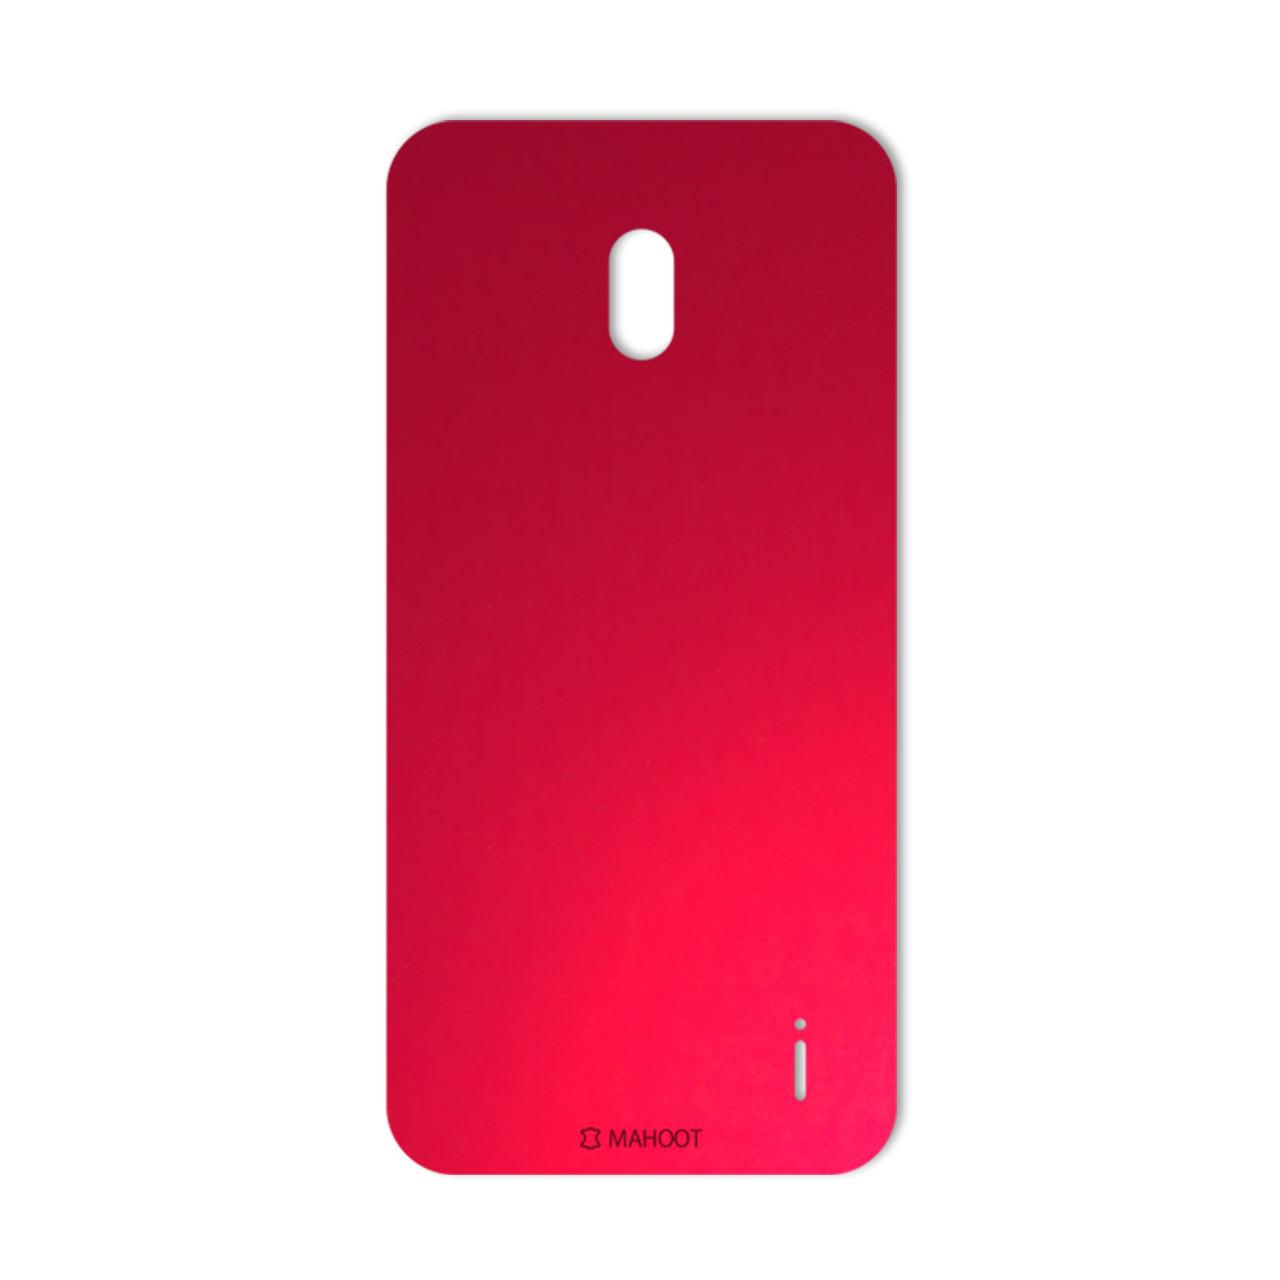 برچسب پوششی ماهوت مدل Color-Special مناسب برای گوشی موبایل نوکیا 2.2